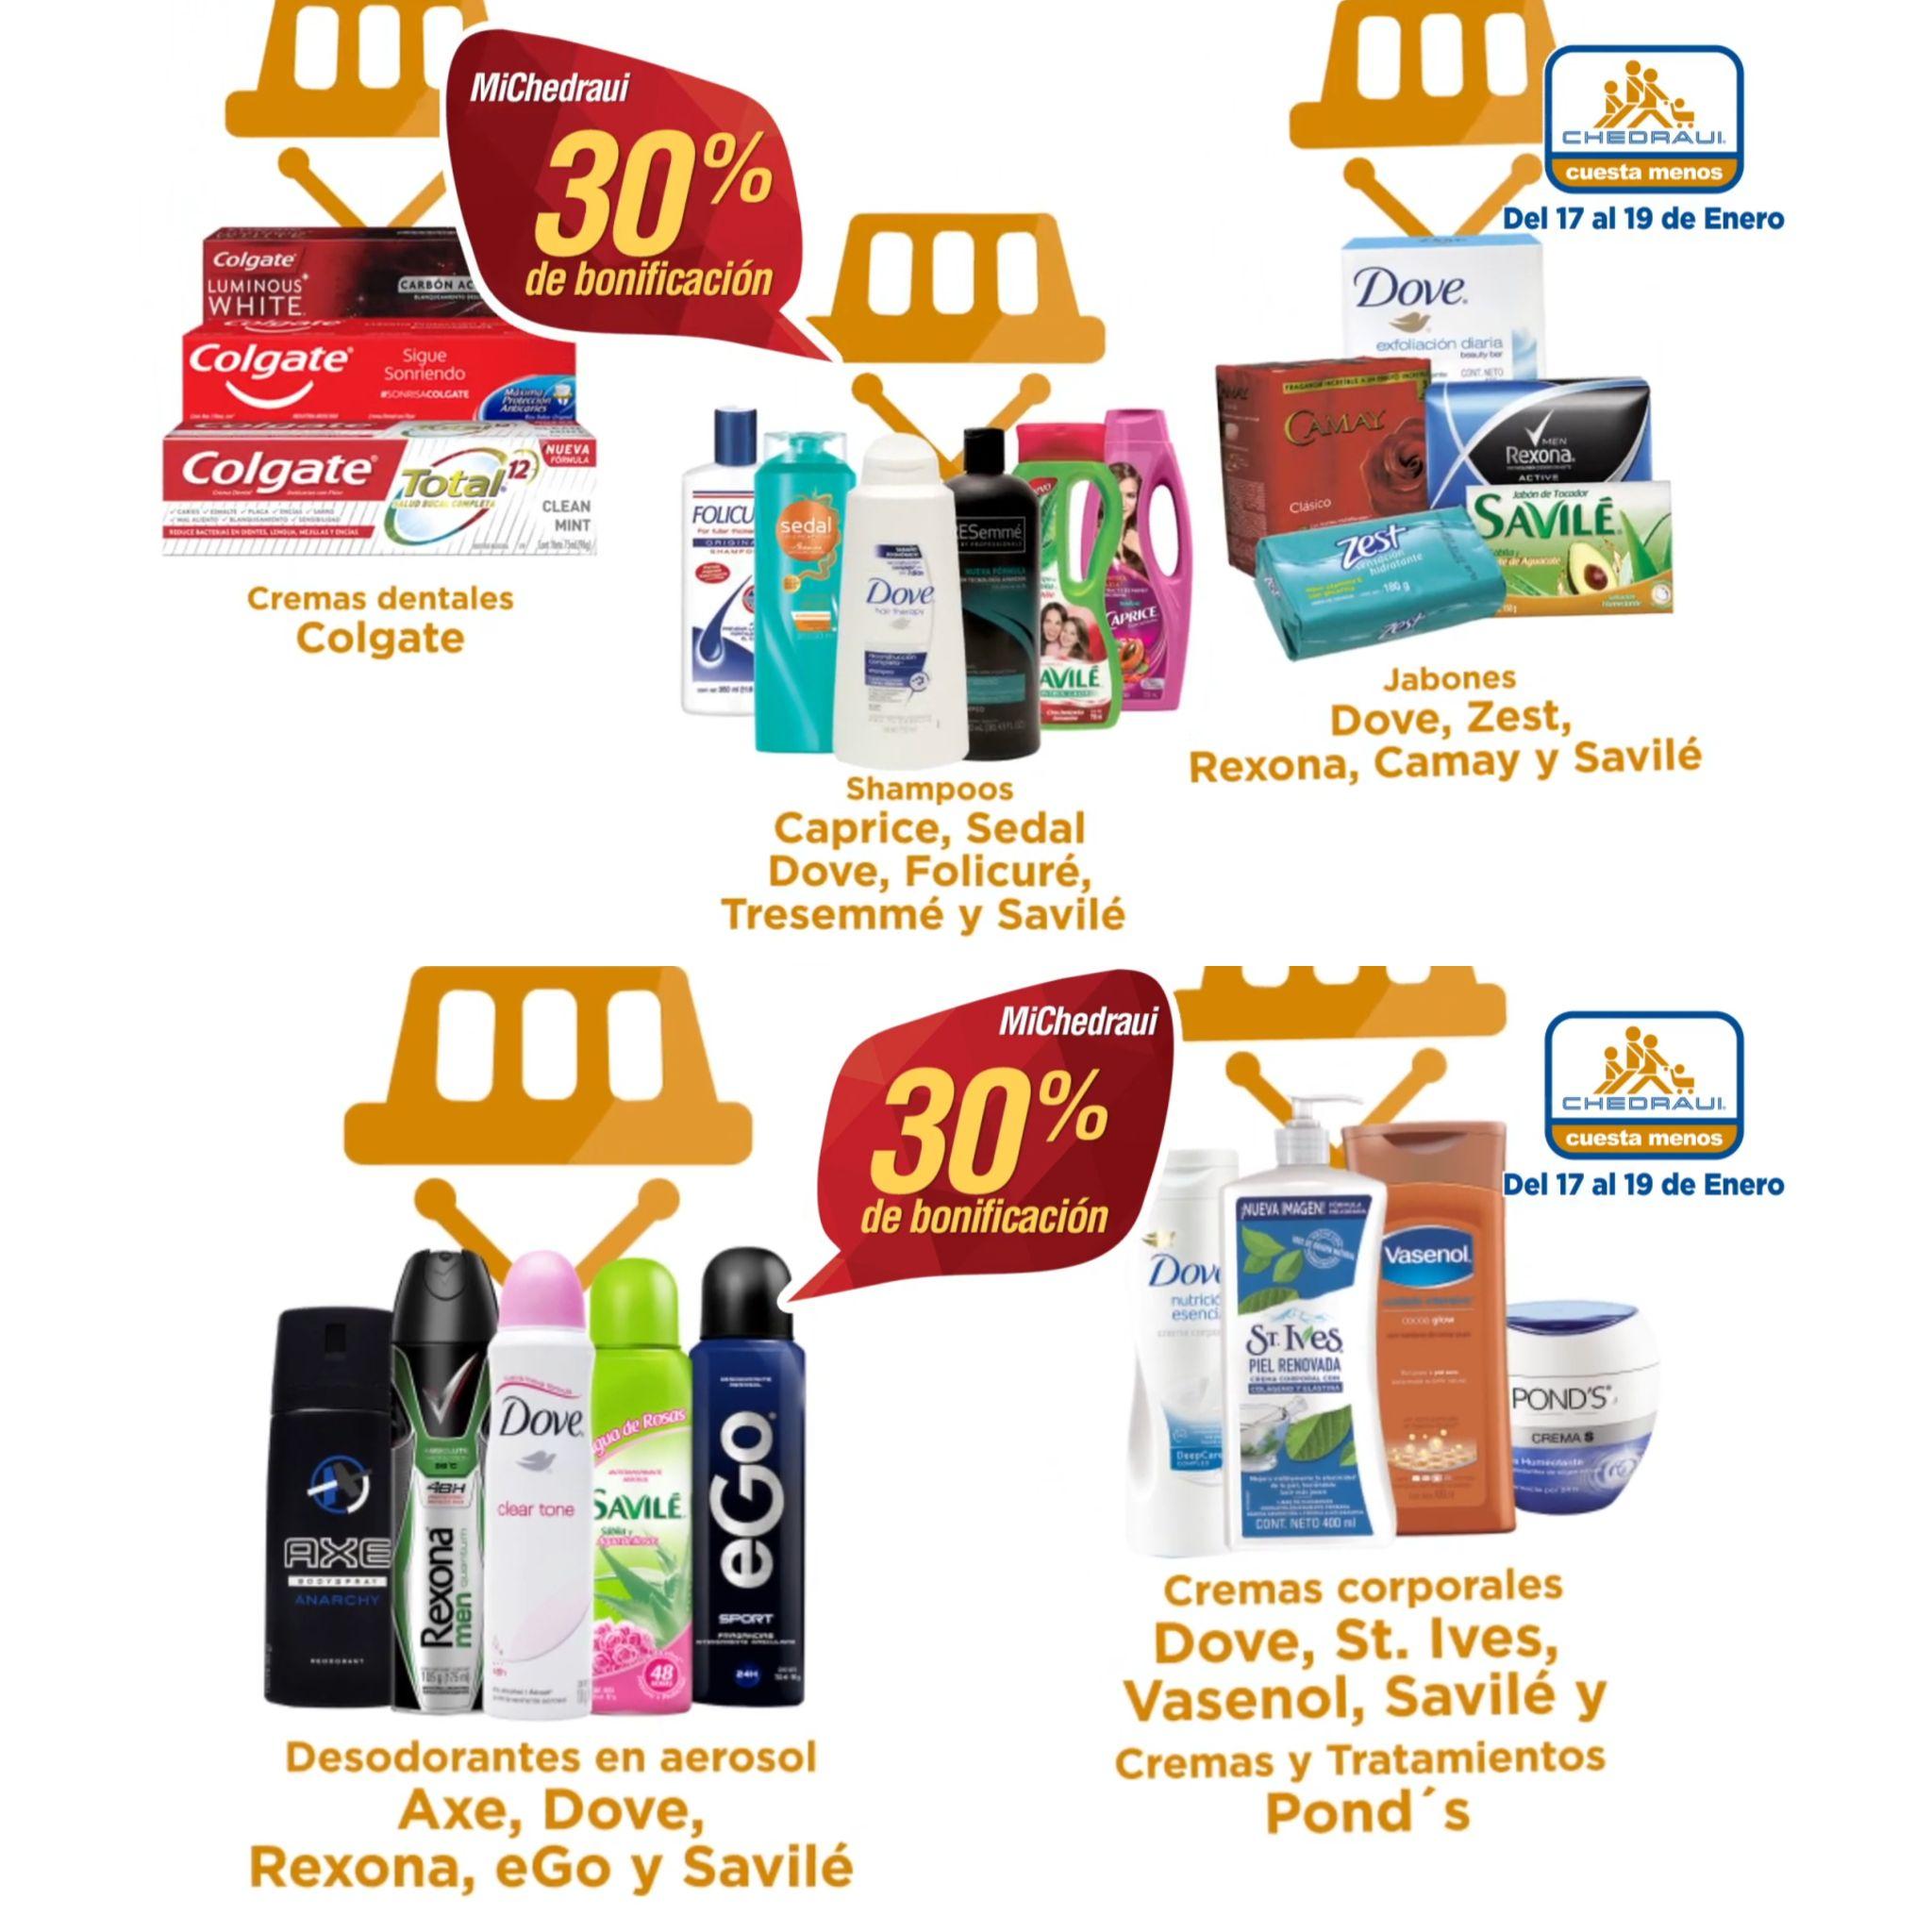 Chedraui: 30% de descuento en Desodorantes, Shampoos, Jabones, Cremas Dentales y mas